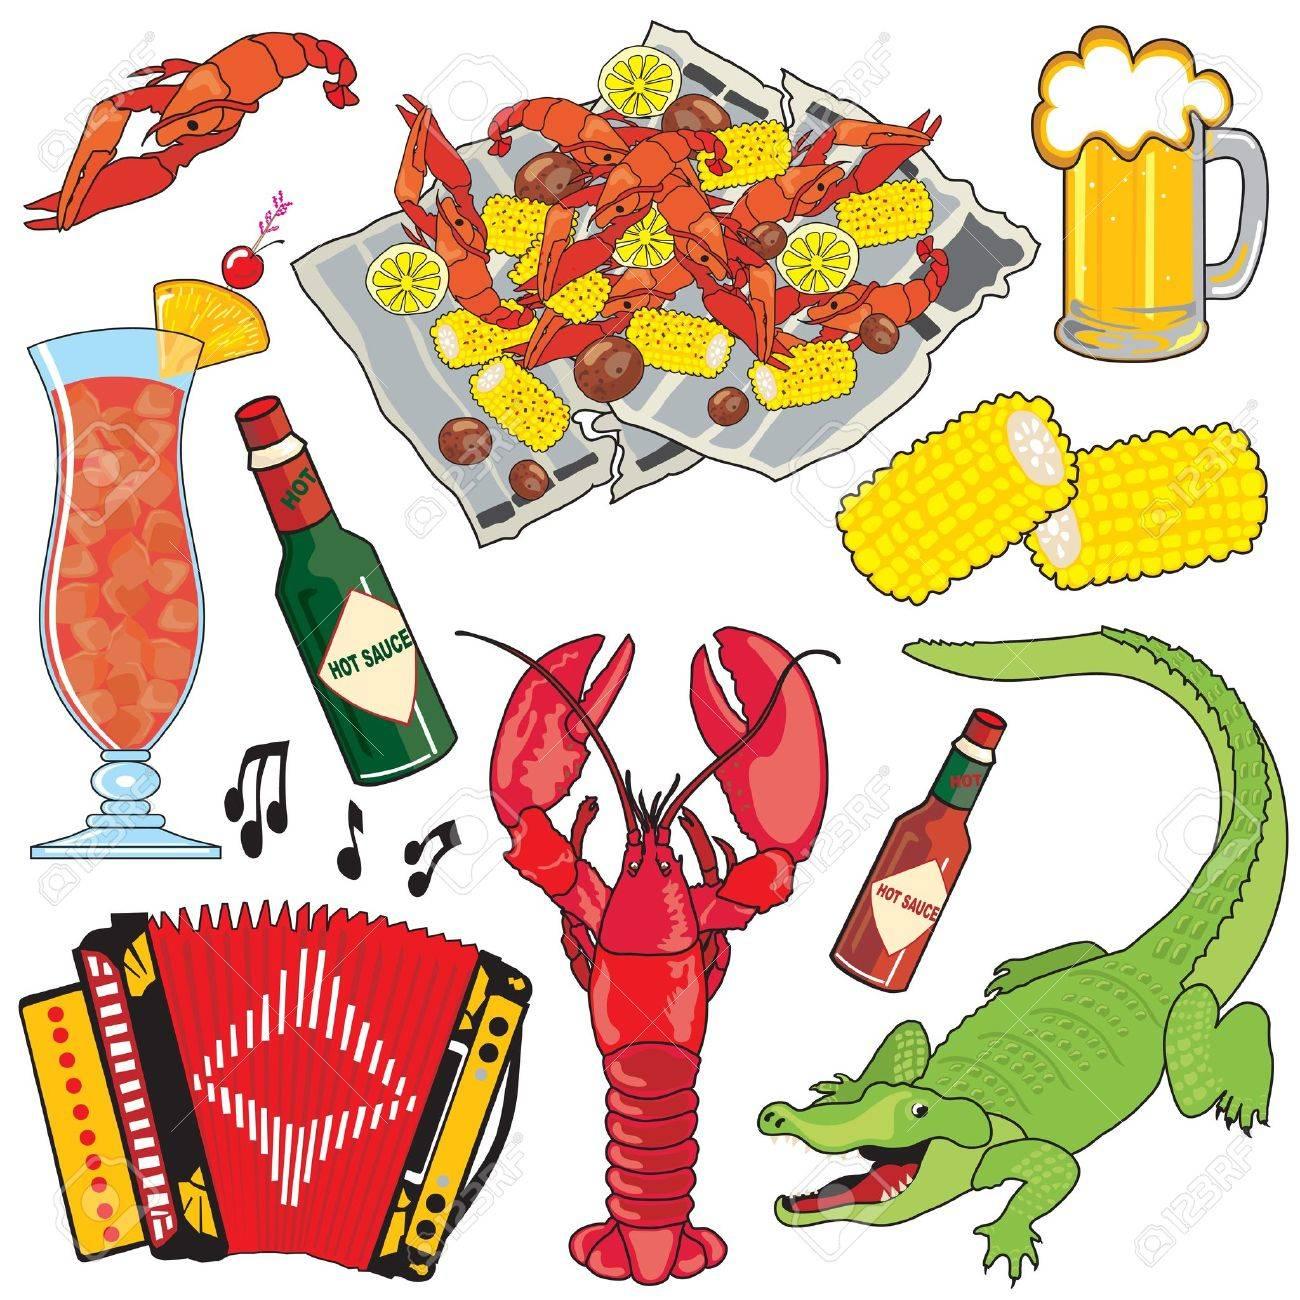 Cajun comida, música y bebidas clipart iconos y elementos.